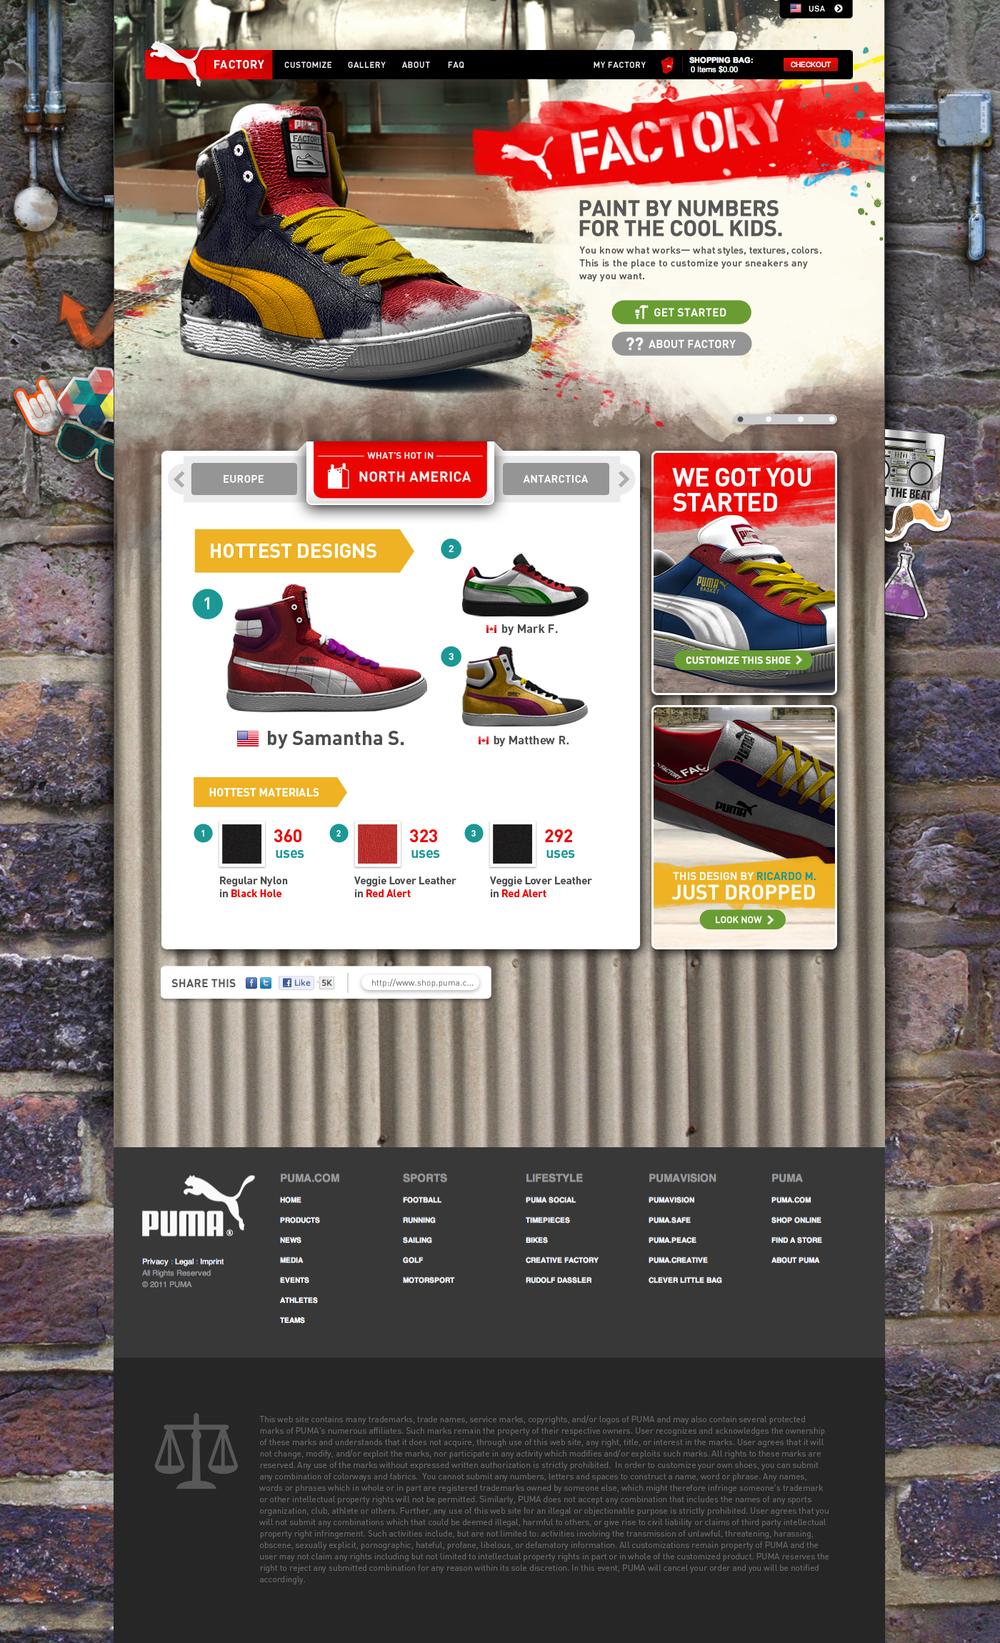 homepage_0000_fma1_whatisfactory_factory.jpg